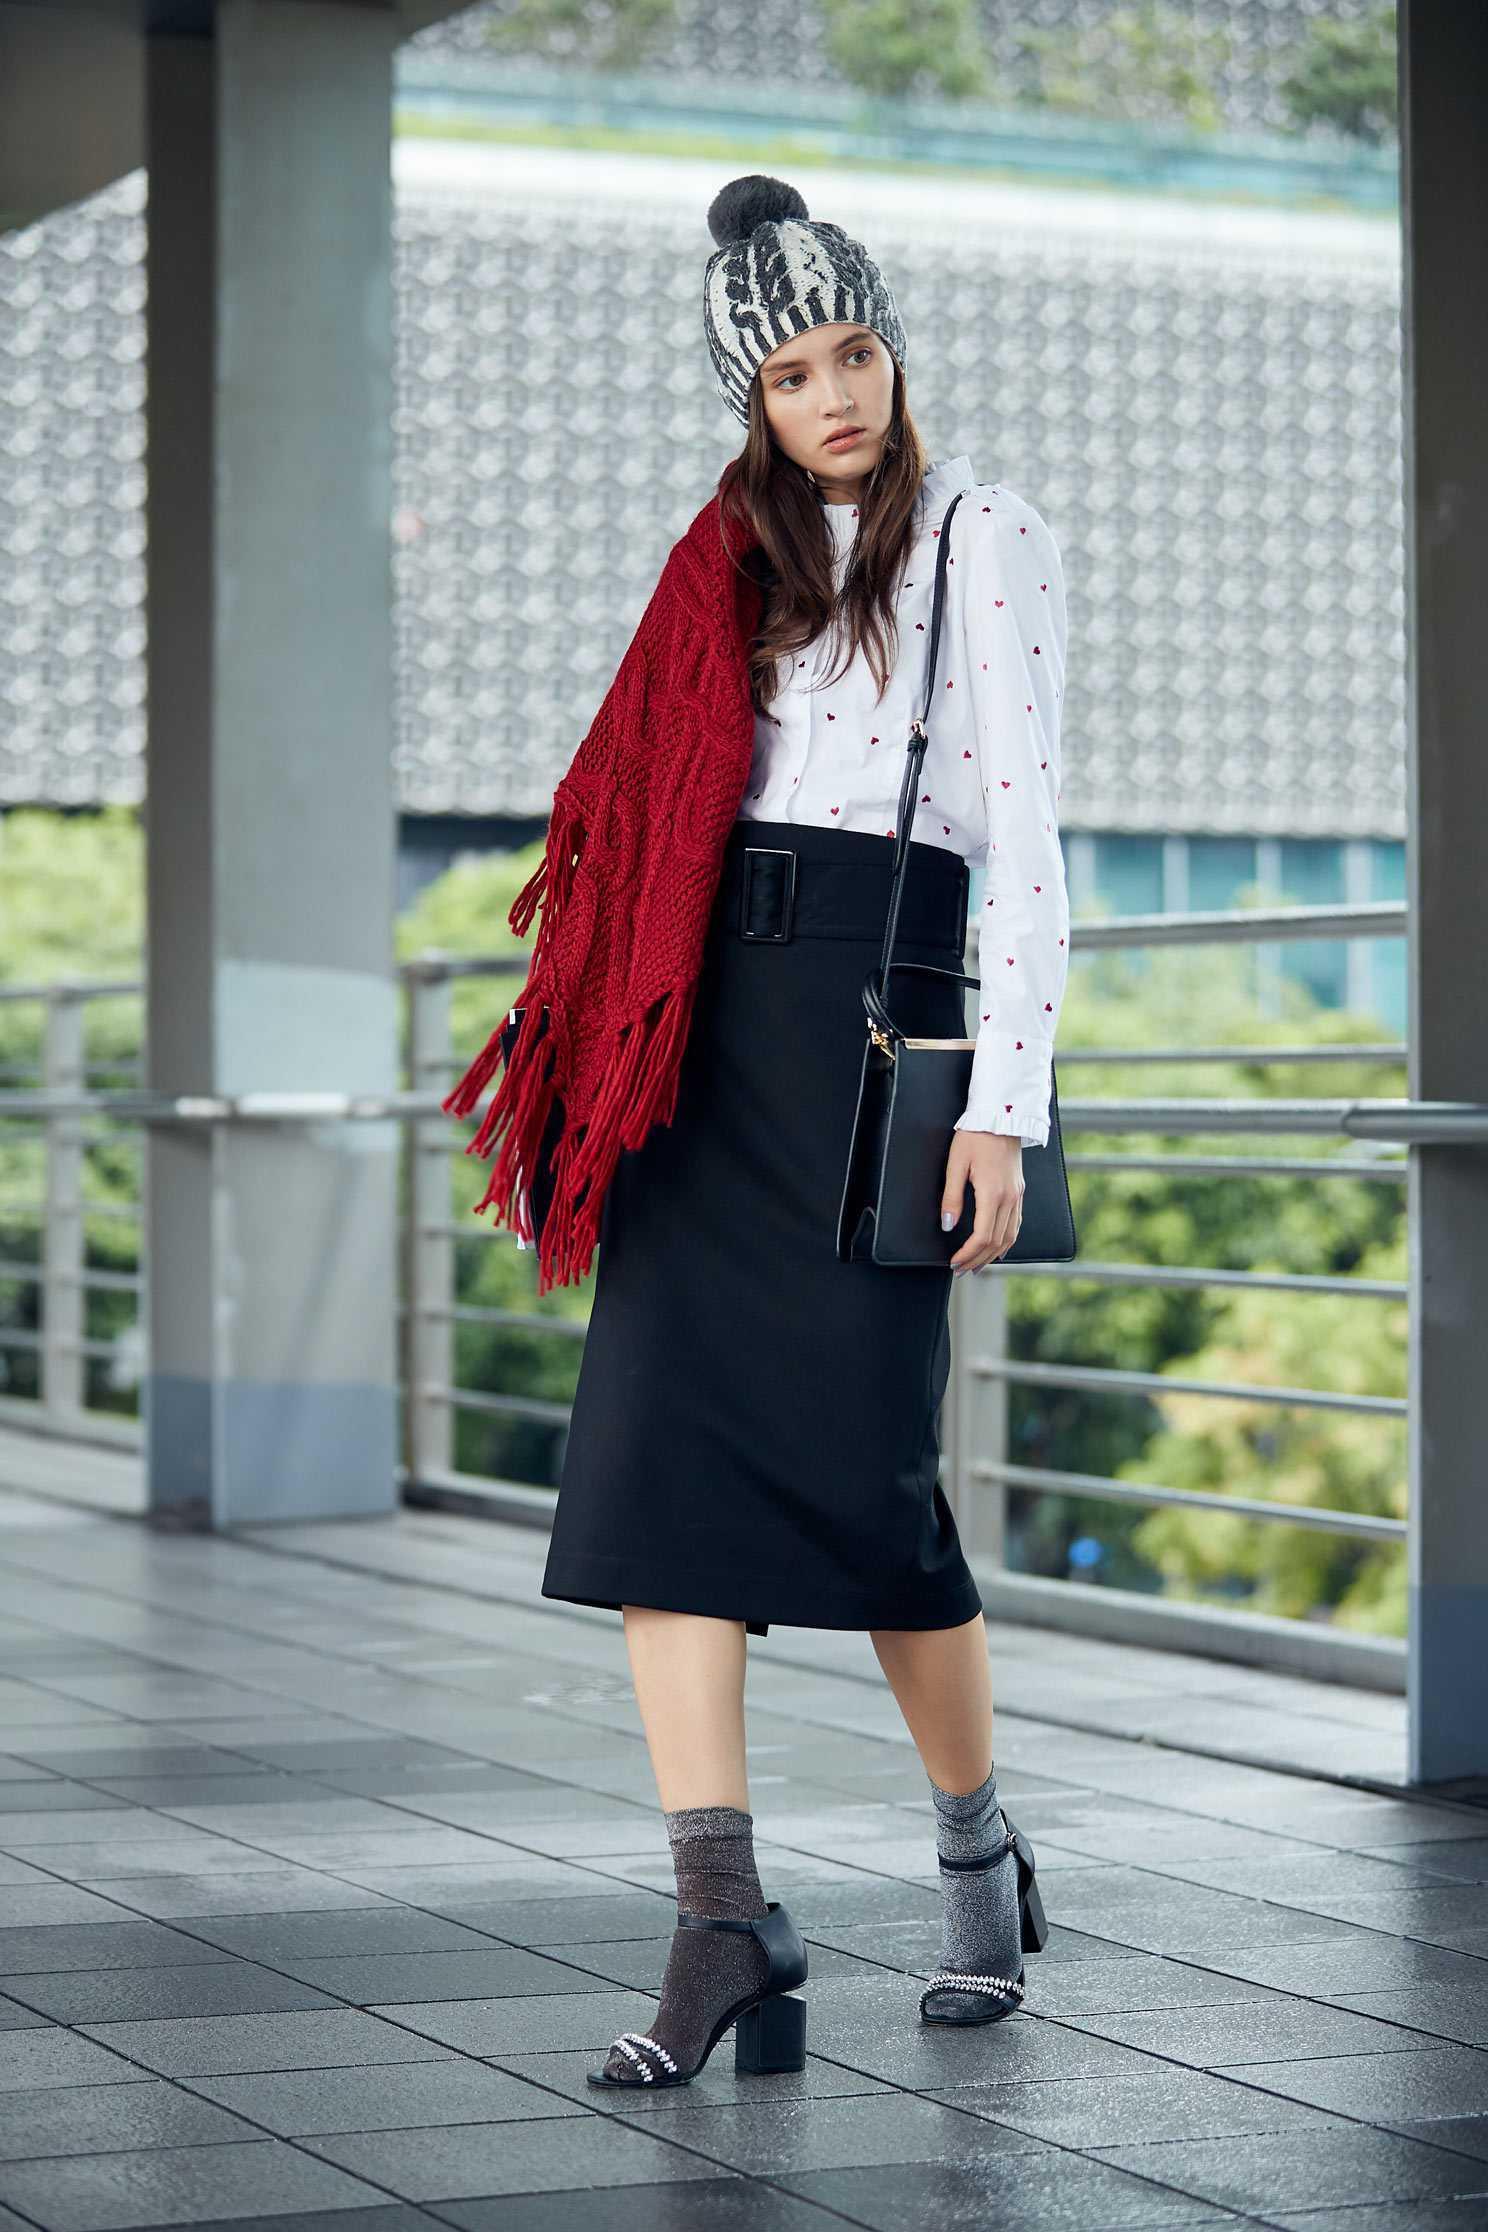 Grace middy skirt